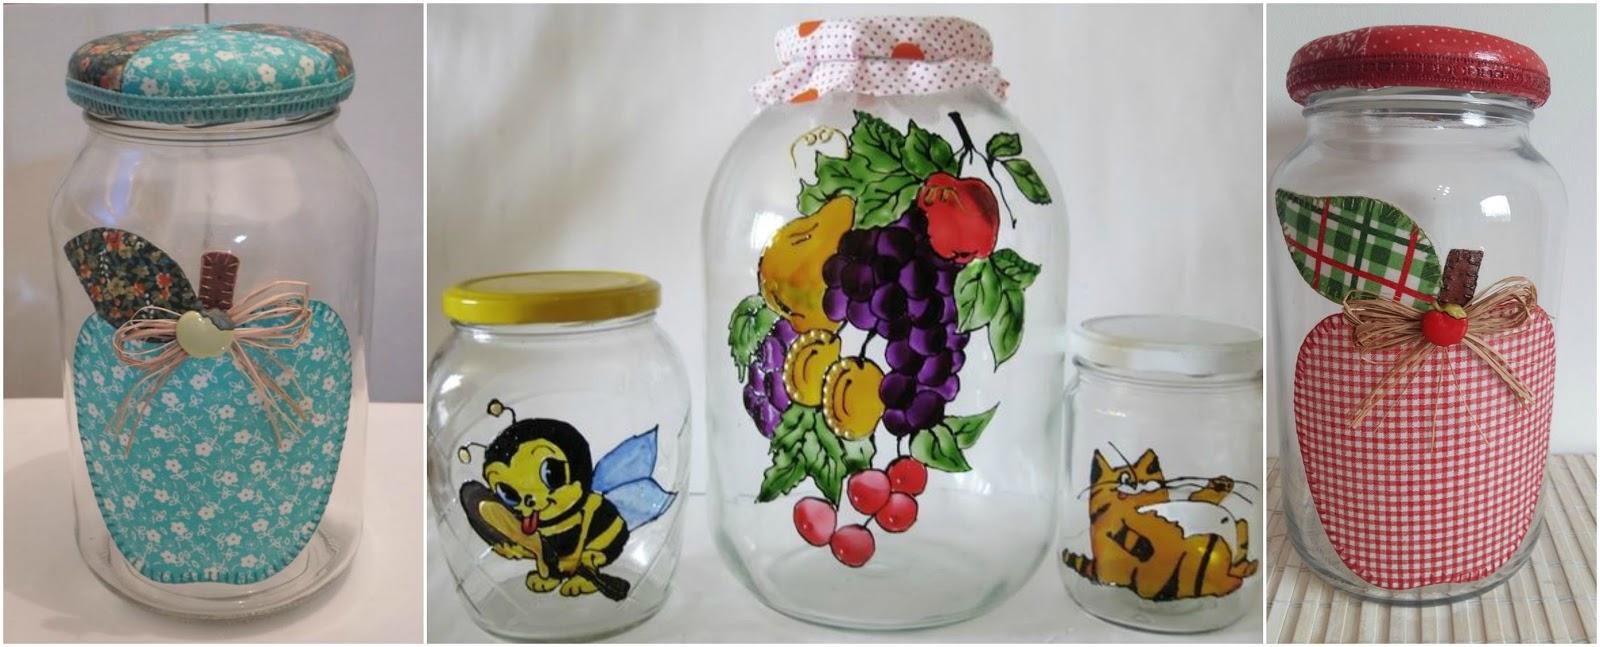 6 ideas para decorar frascos de vidrio y hacer lindas for Ideas con frascos de vidrio